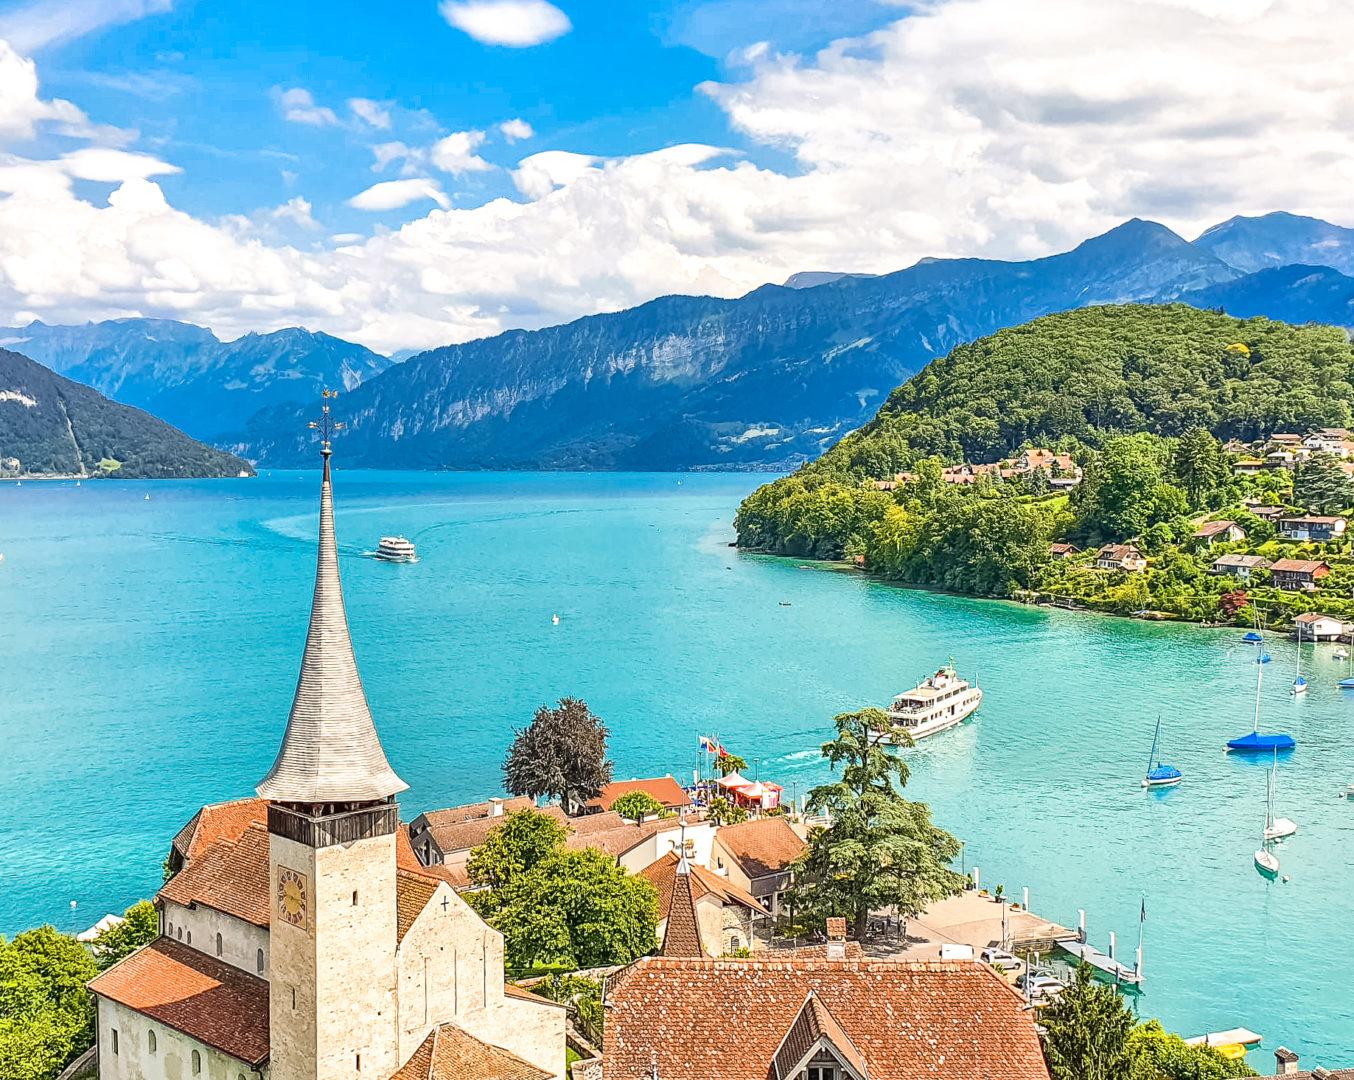 Visiter Spiez et son château_Suisse centrale